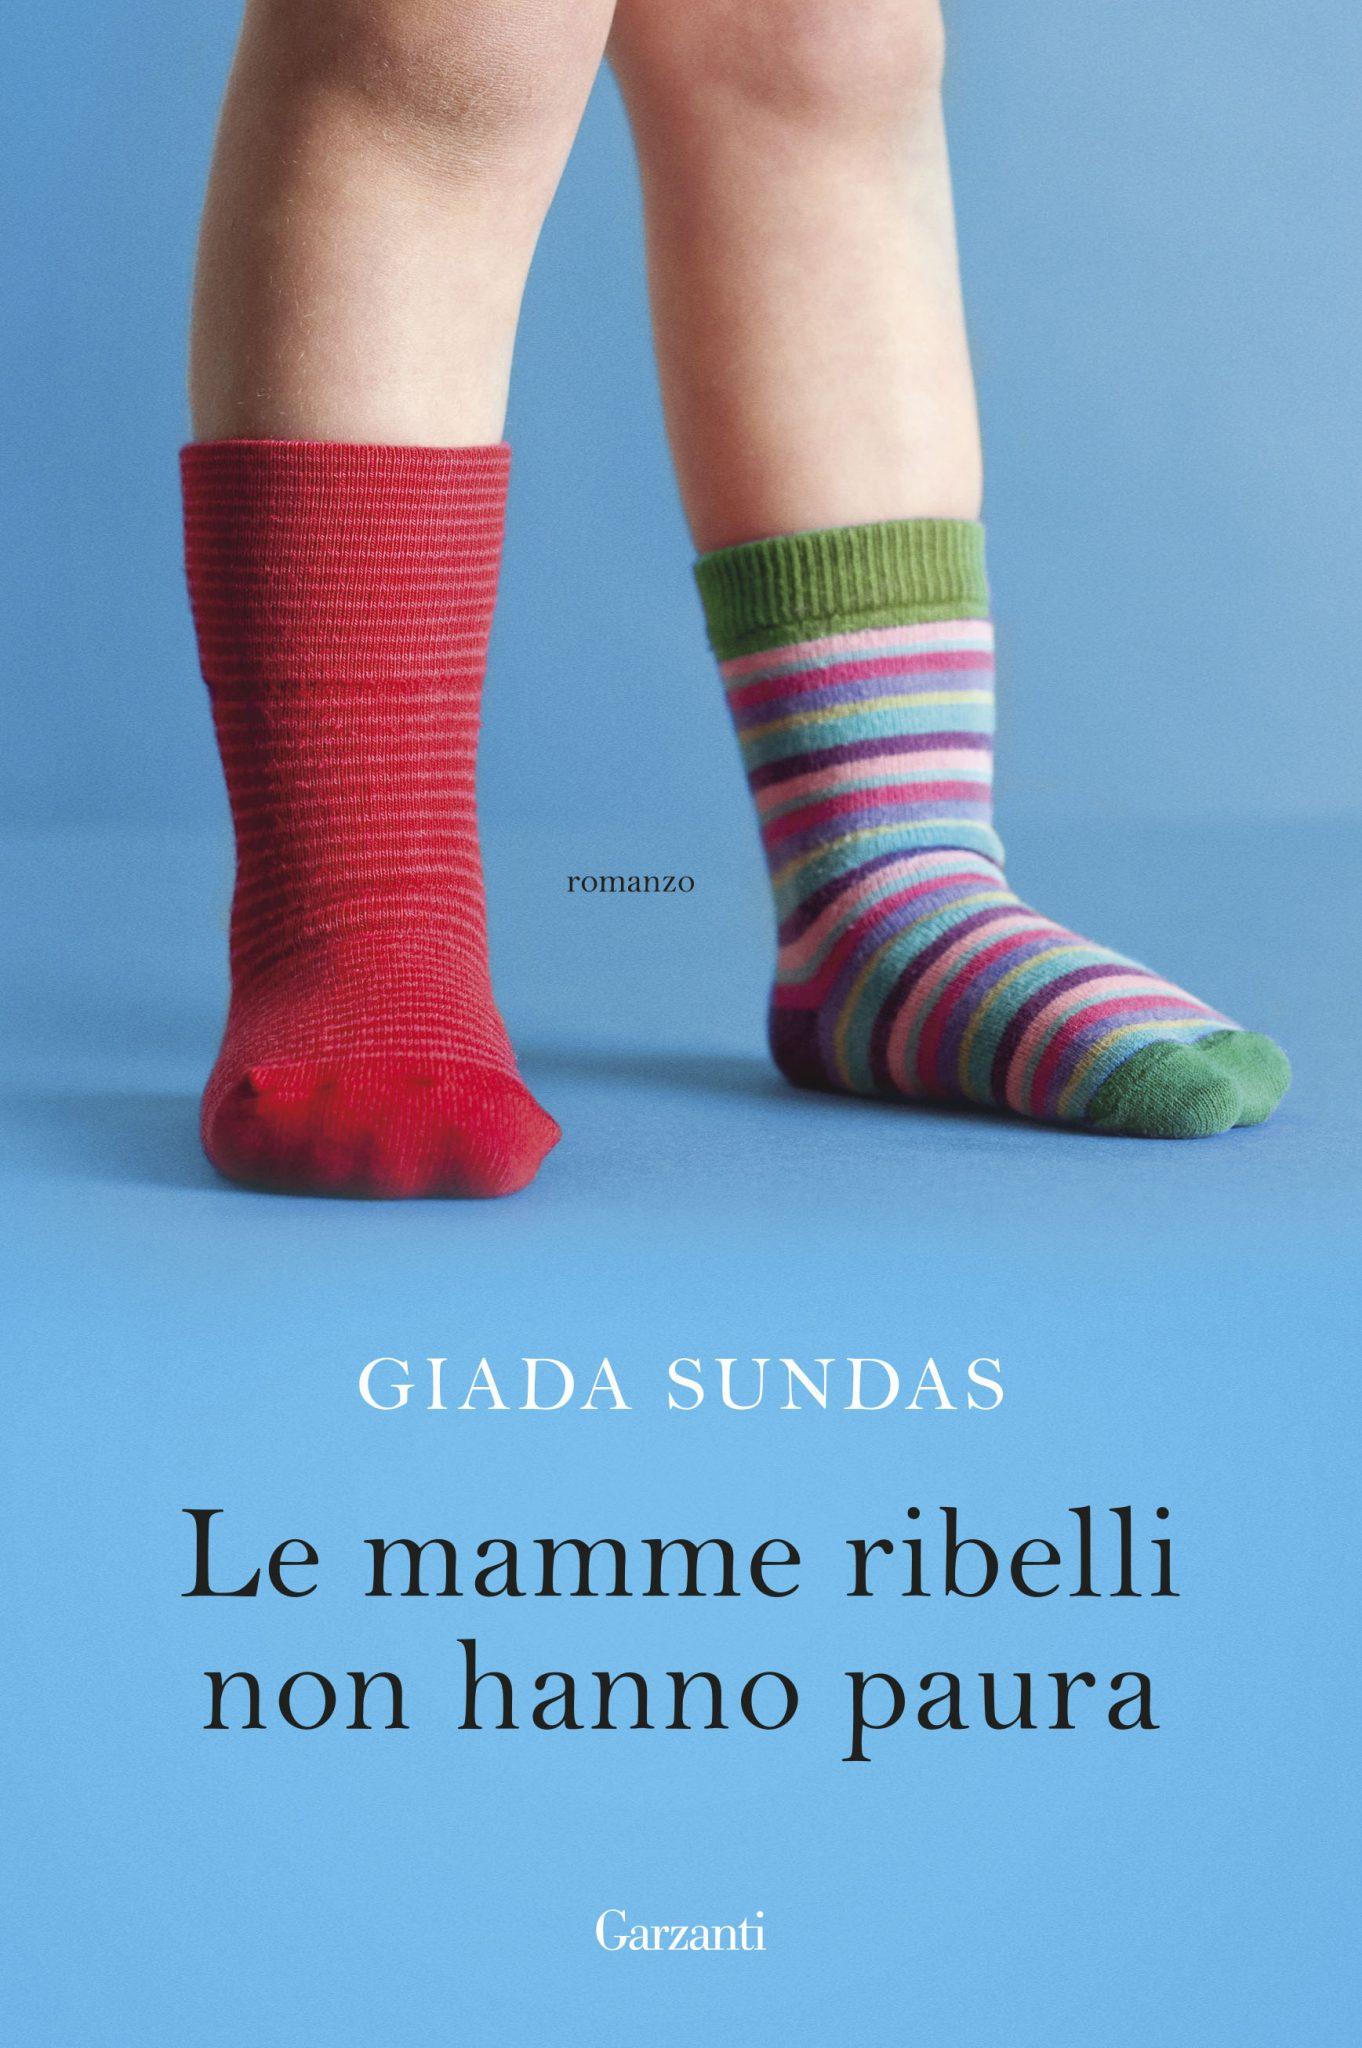 Giada sundas - le mamme ribelli non hanno paura